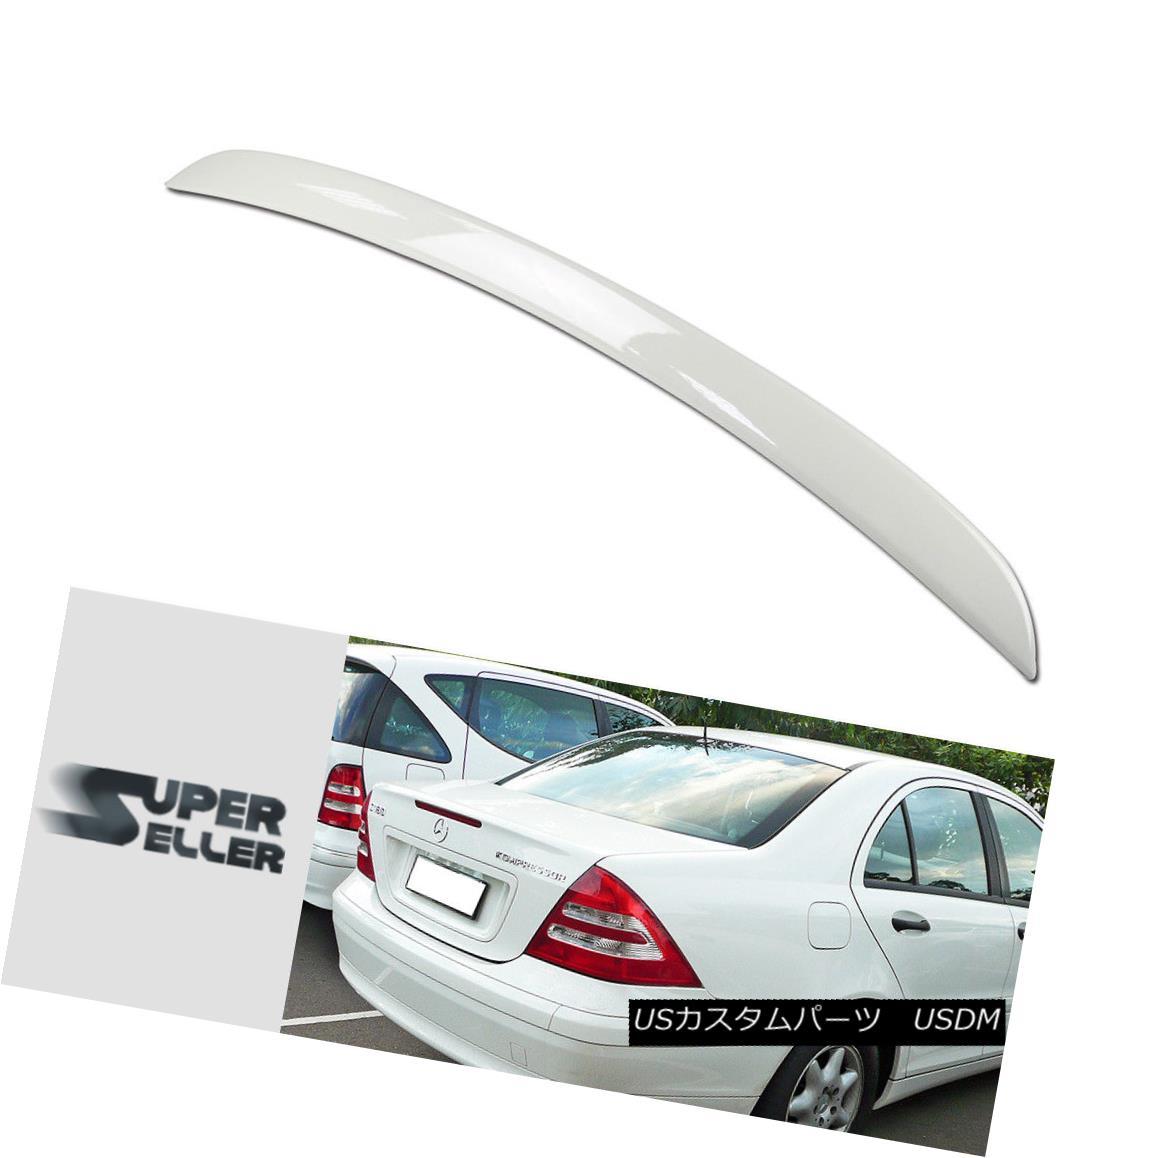 エアロパーツ A Type Mercedes BENZ C-Class W203 Rear Trunk Spoiler Painted Color #960 01-07 A型メルセデスベンツCクラスW203リアトランクスポイラー塗装済みカラー#960 01-07